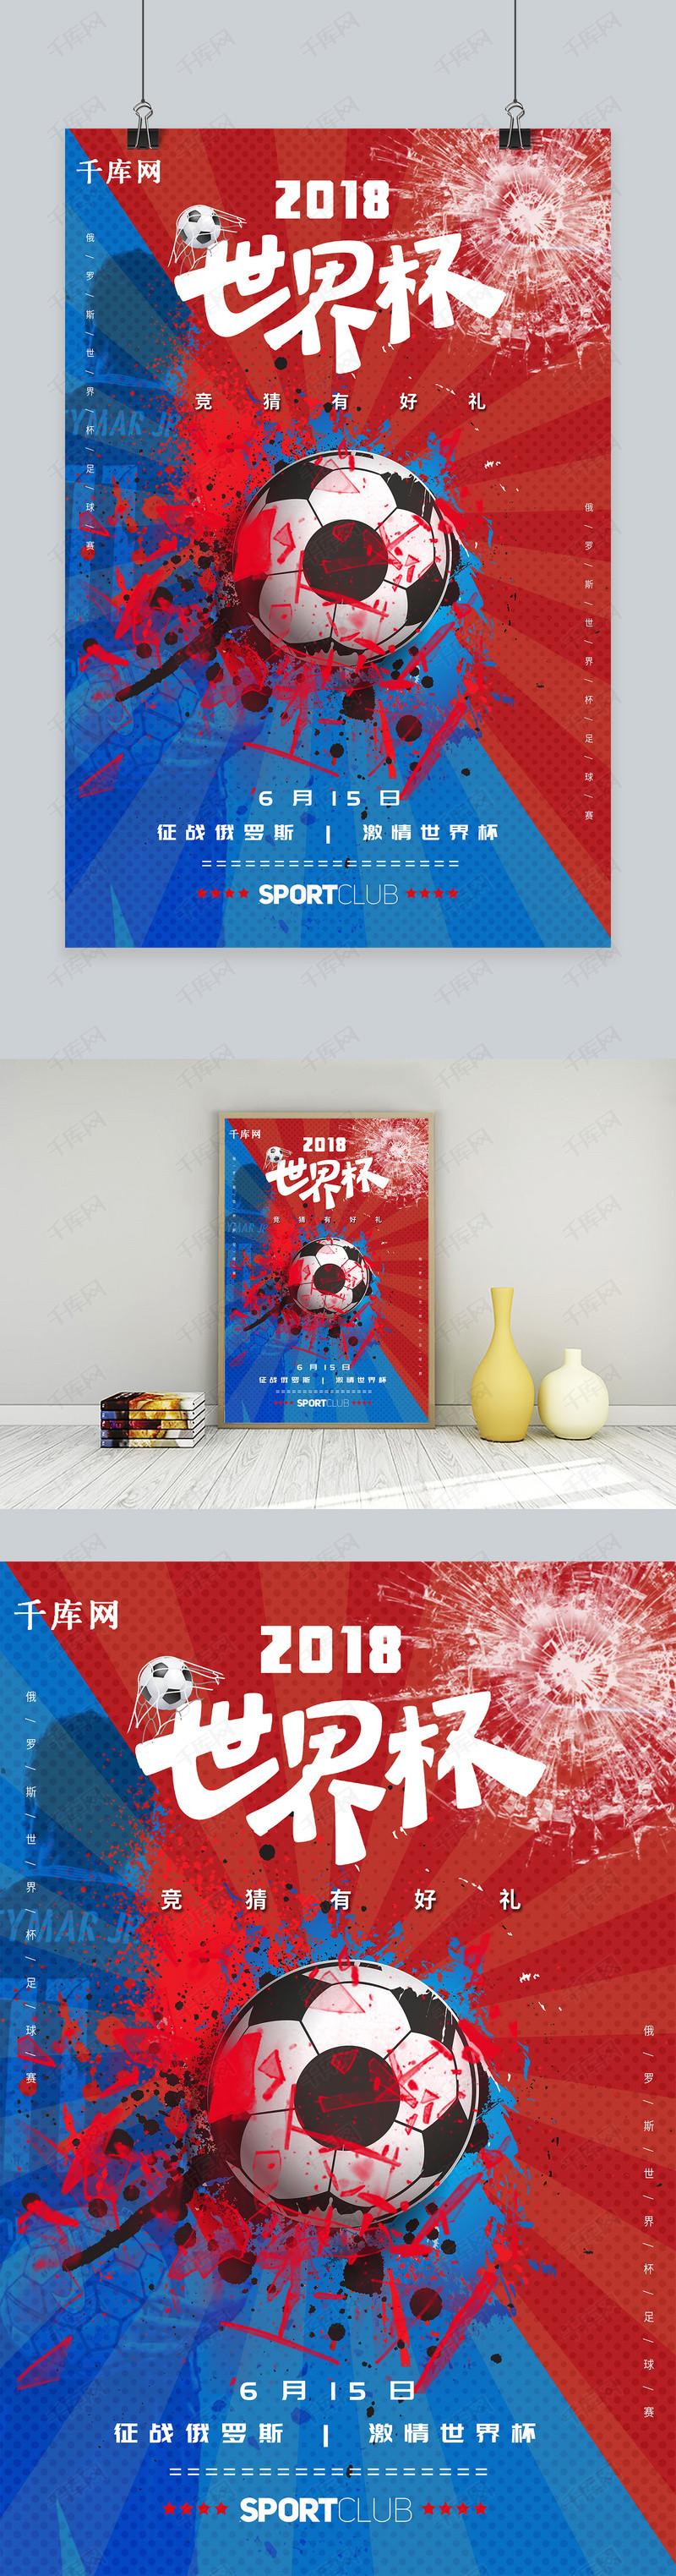 千库原创2018世界杯宣传海报